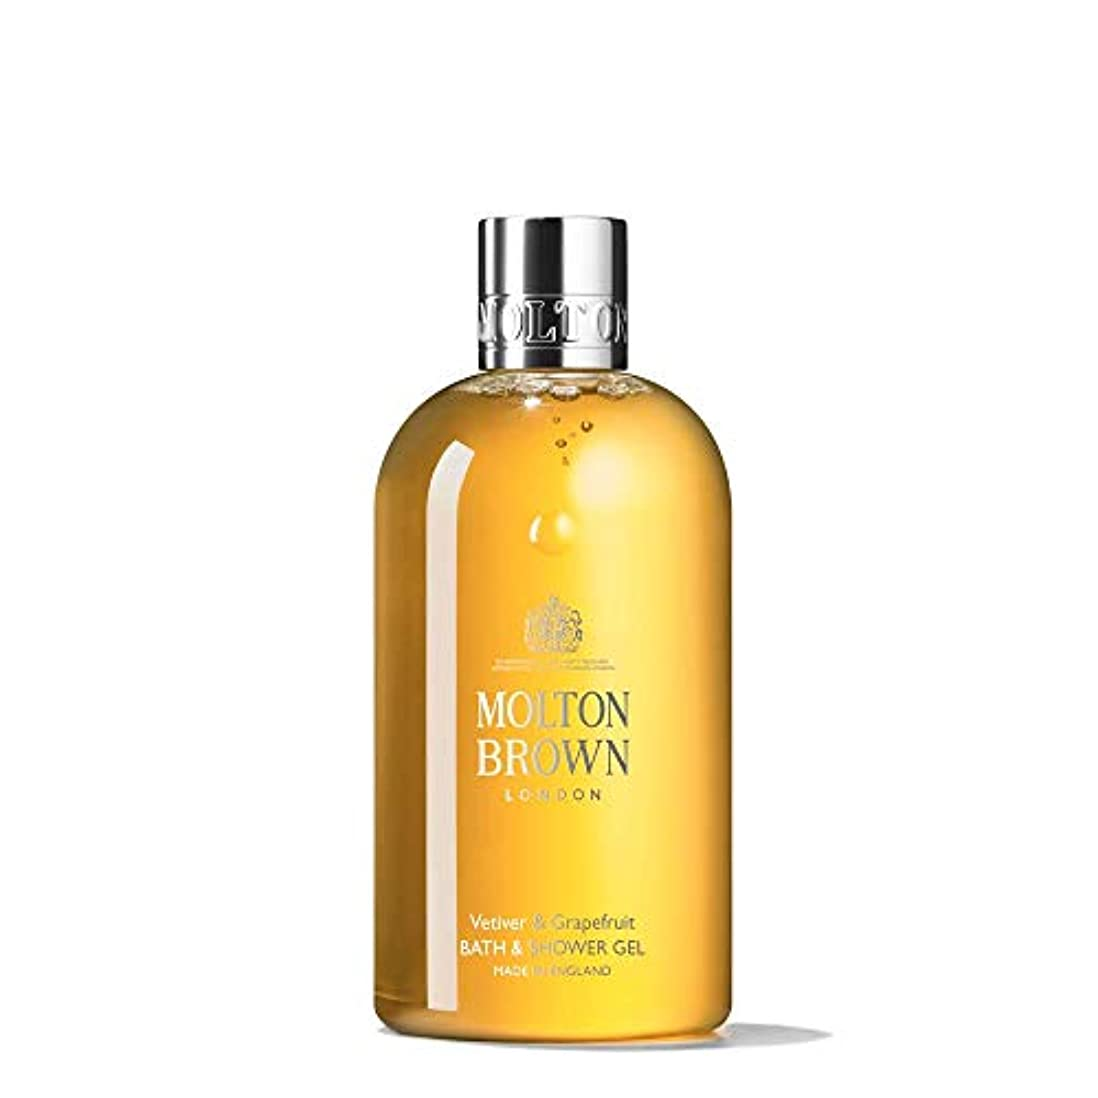 MOLTON BROWN(モルトンブラウン) ベチバー&グレープフルーツ コレクション V&G バス&シャワージェル